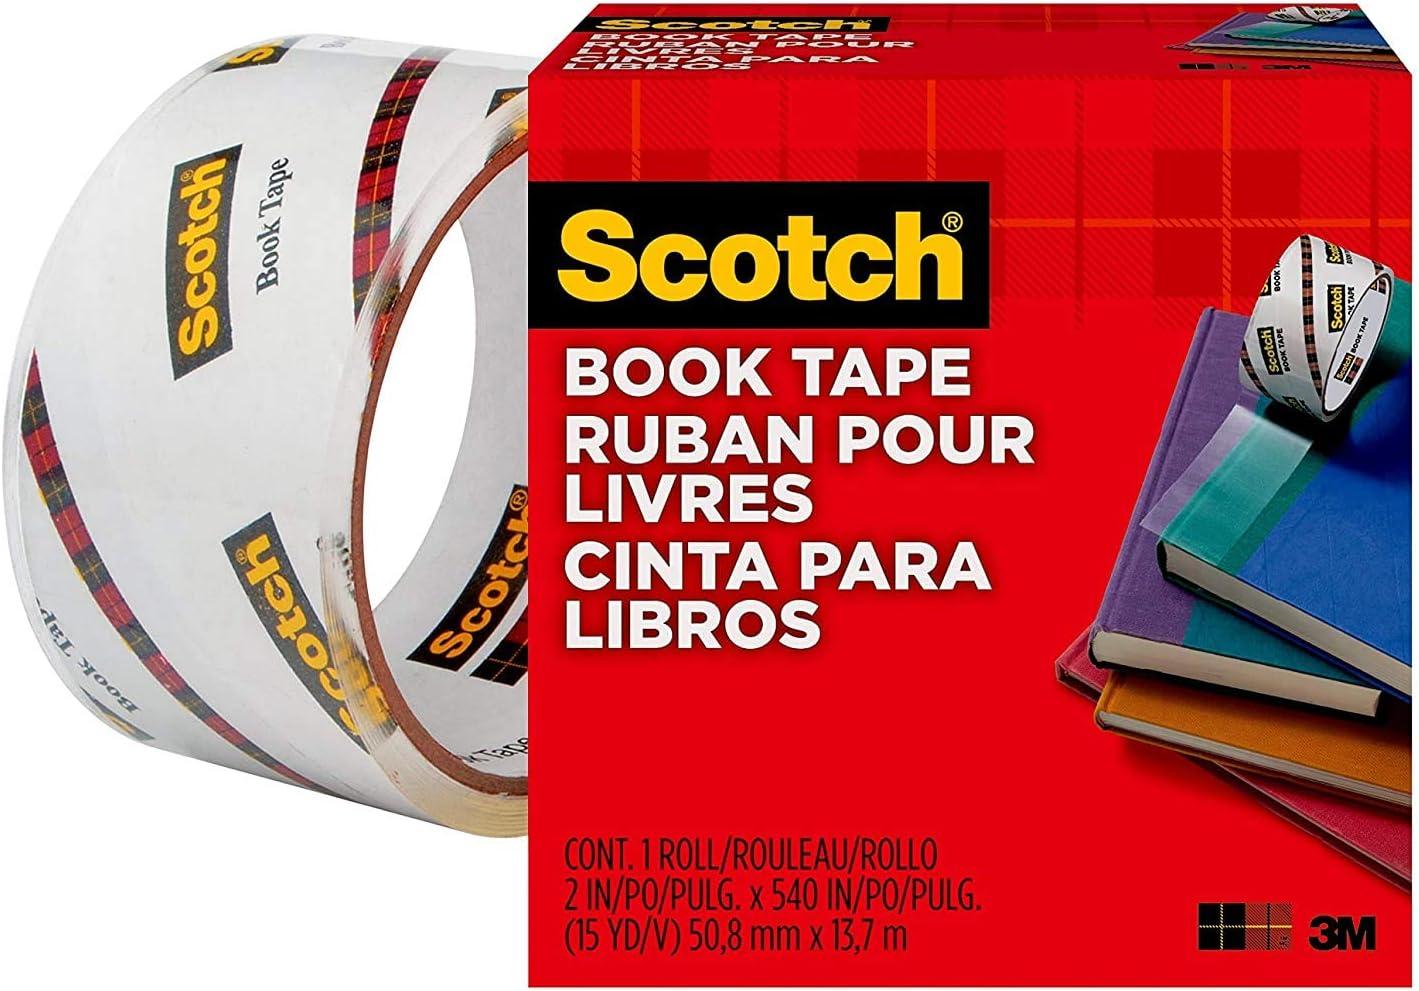 Book Lock Heavy Duty Book Tape 4W x 20 yds.L